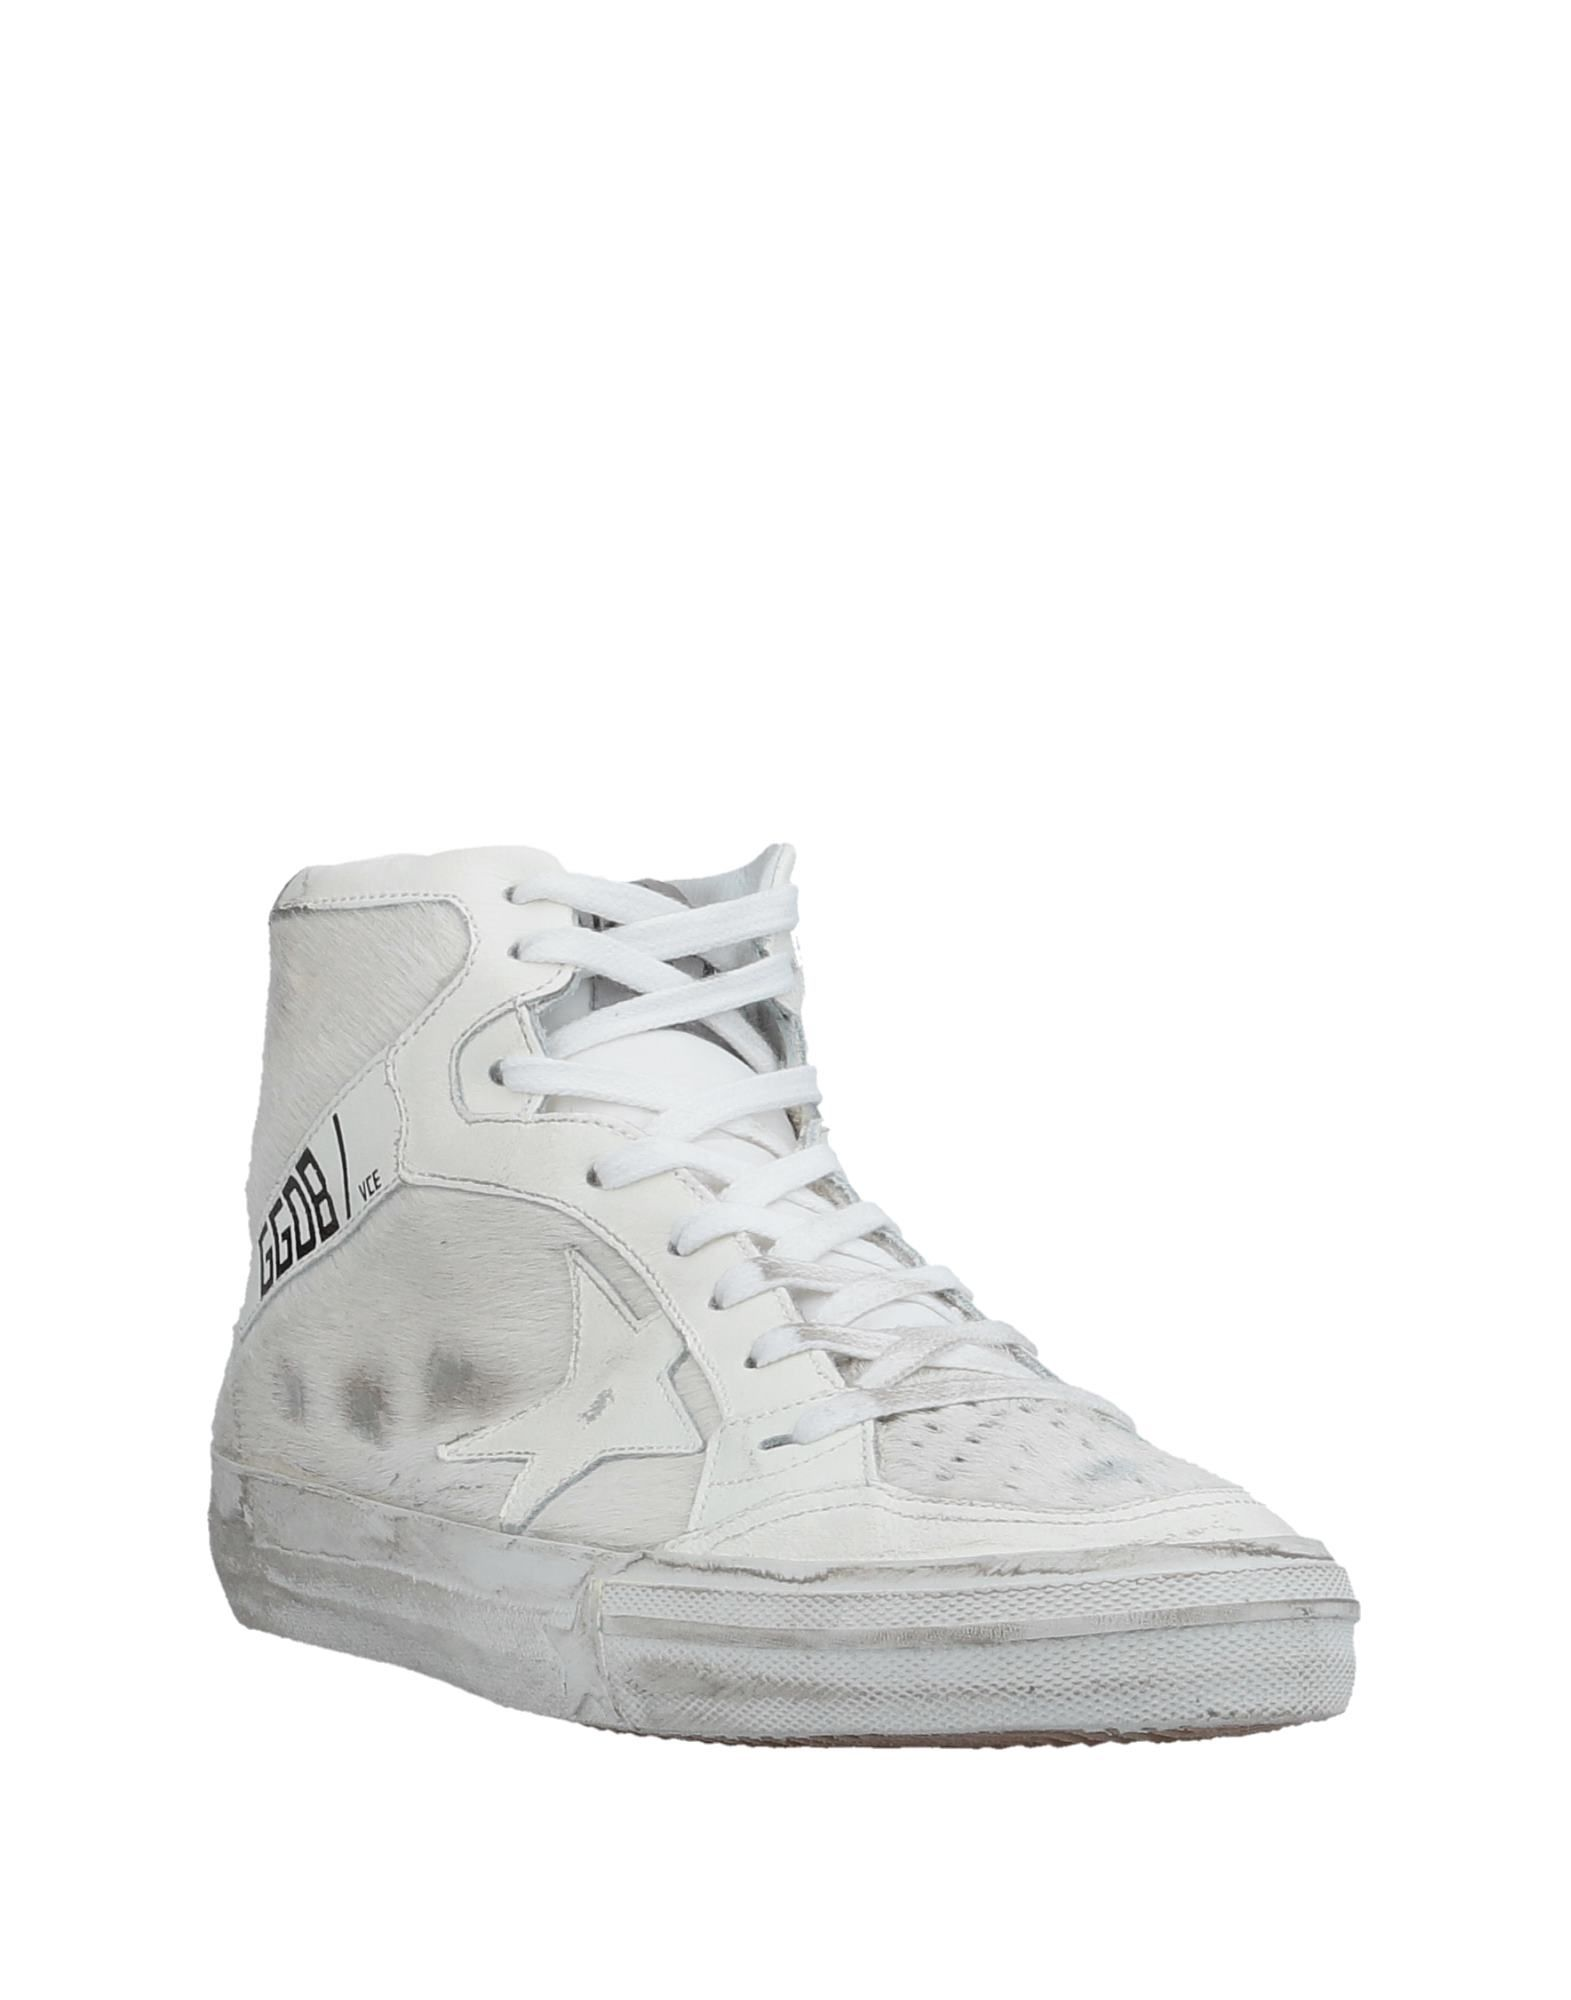 Golden Goose Deluxe Brand Sneakers Herren  11509942OG Heiße Schuhe